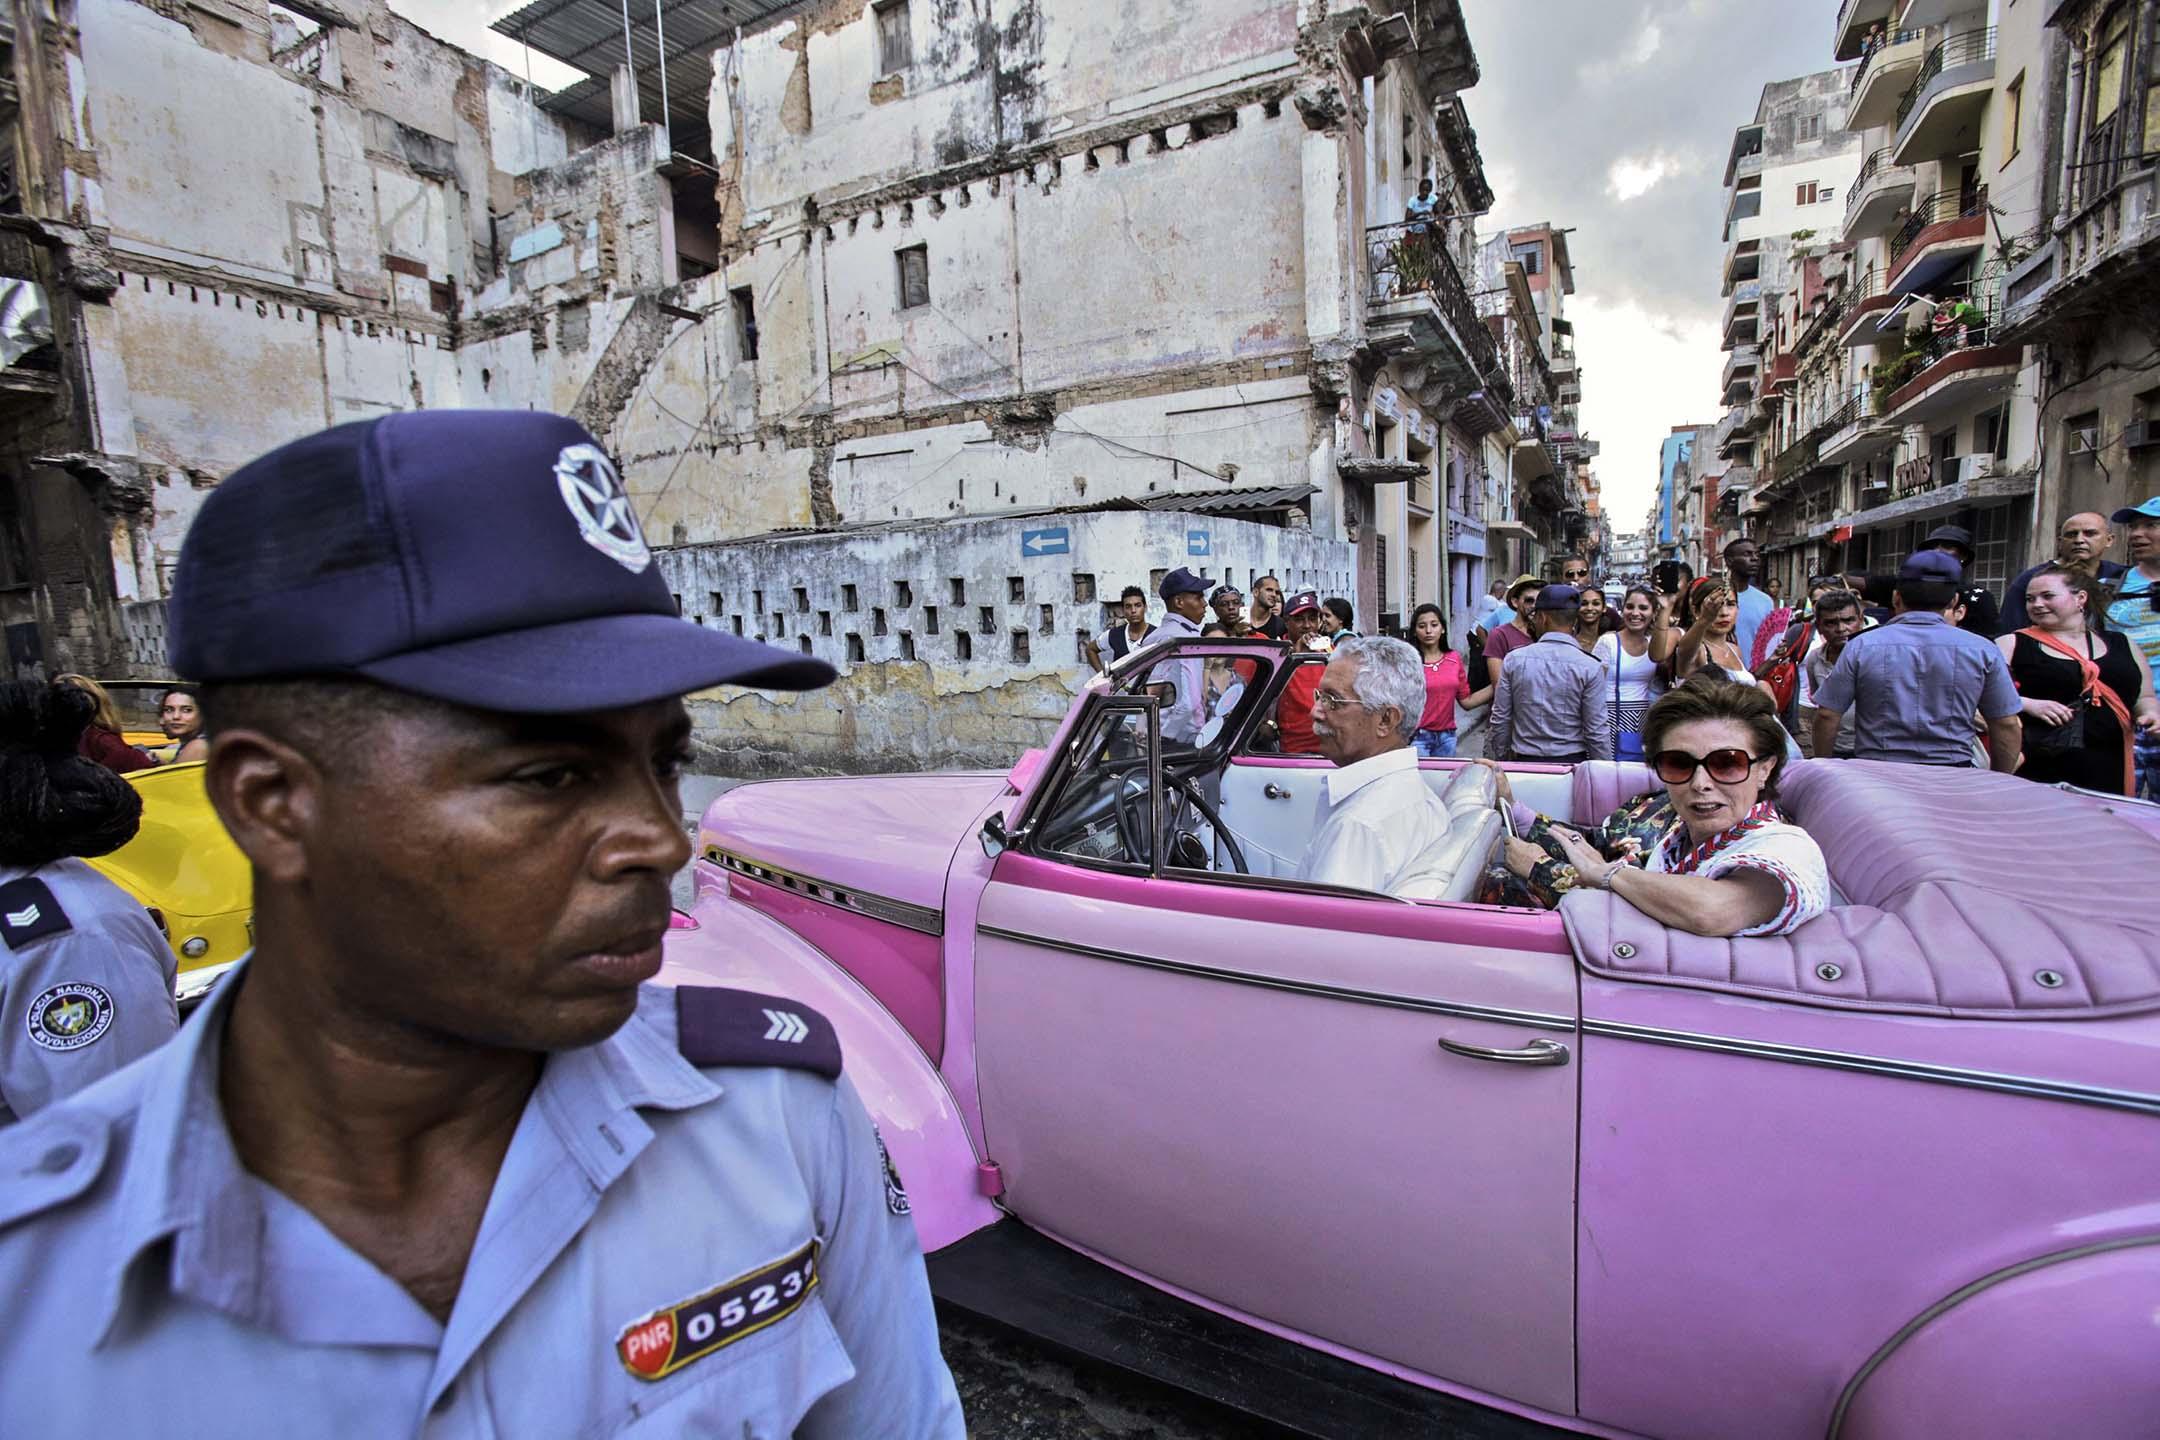 走入古巴夏灣拿,就恍如走進了時光隧道,好像時光一下子倒流了半個世紀。 攝:Sven Creutzmann/Mambo photo via Getty Images